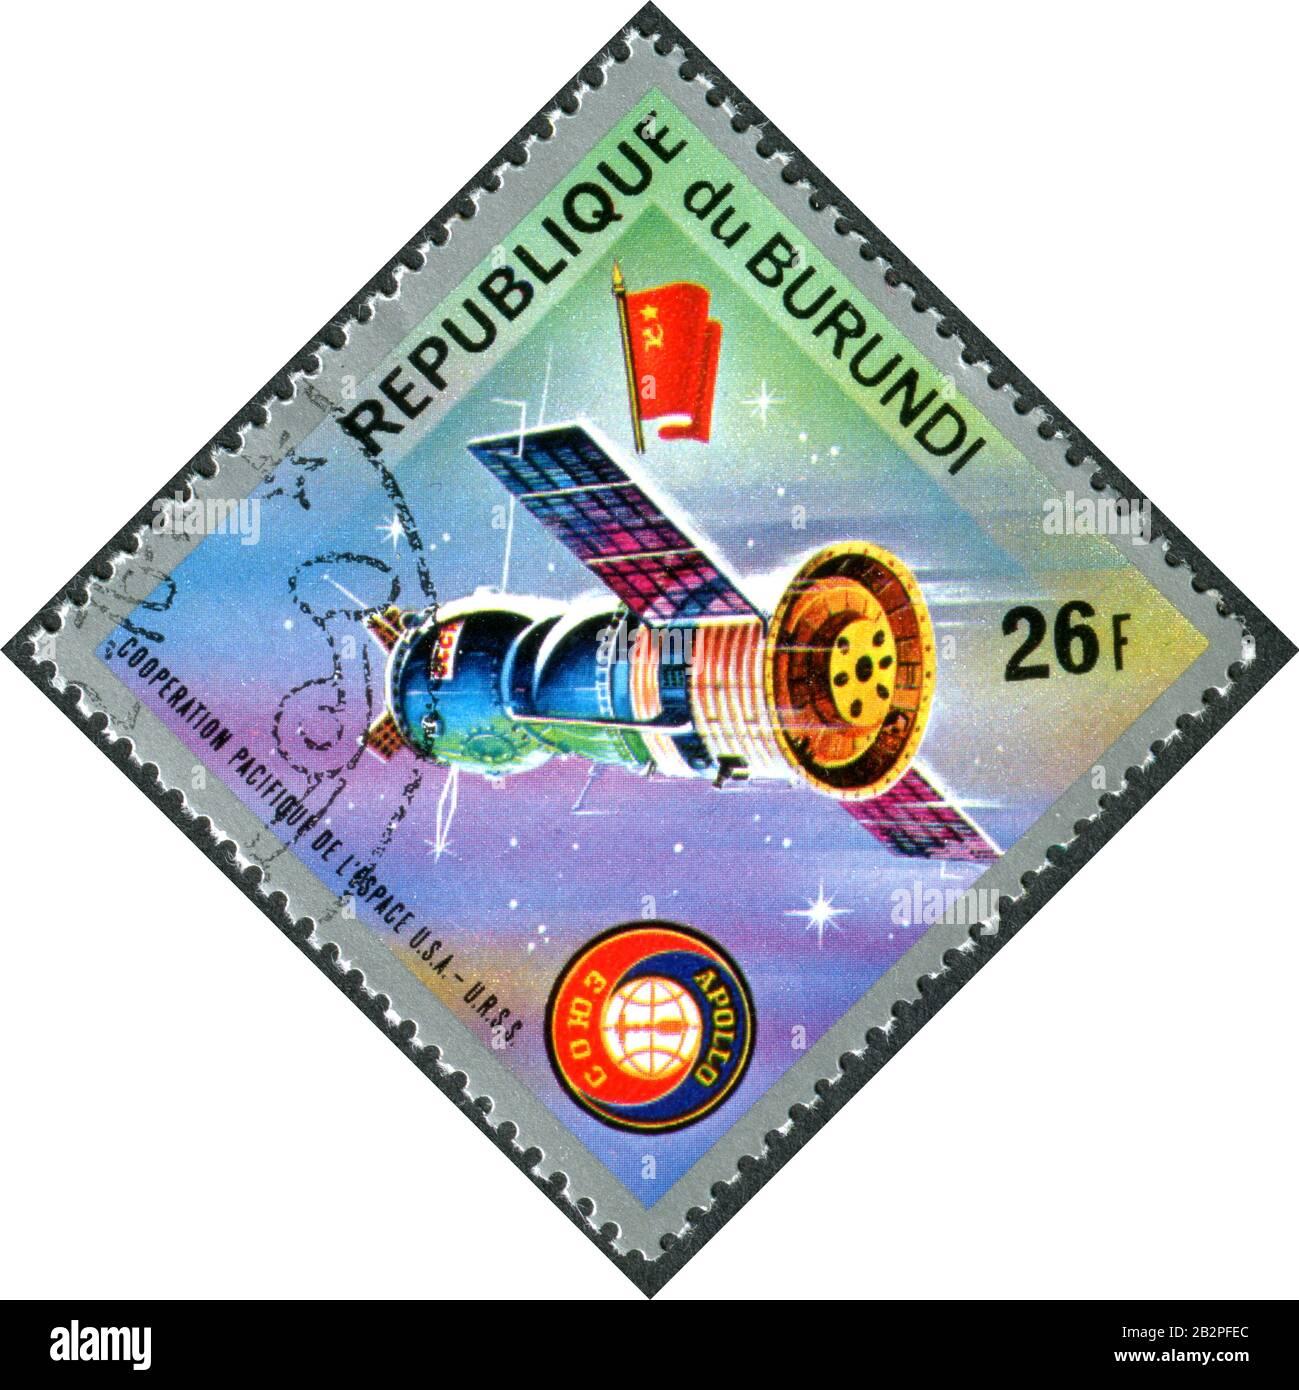 Apollo Soyuz Test Project Prime Crewmen NASA Print Russia Russian Stafford Print